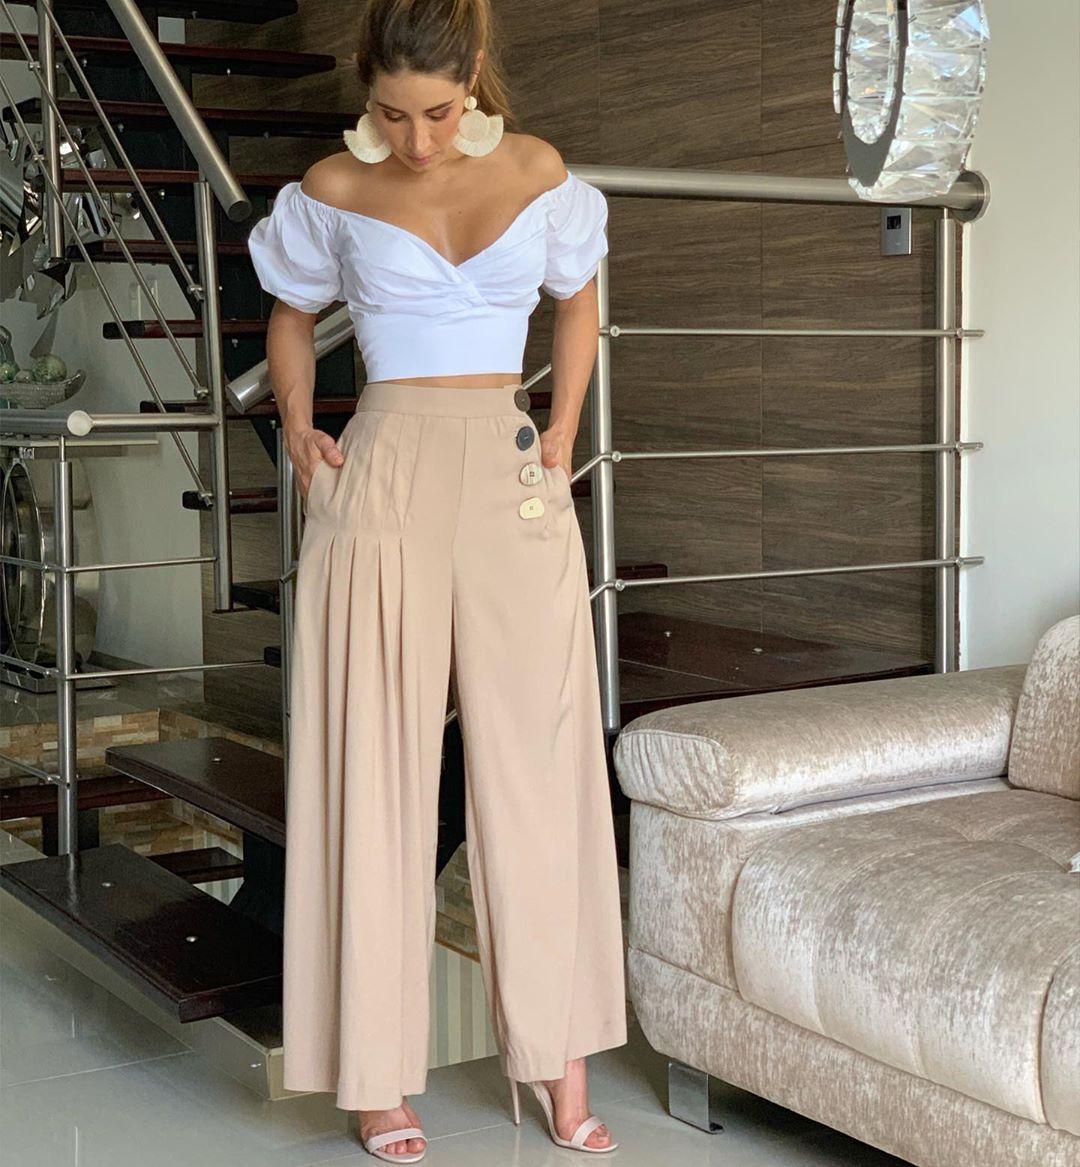 La Imagen Puede Contener Una O Varias Personas Fashion Fashion Outfits Outfits Verano